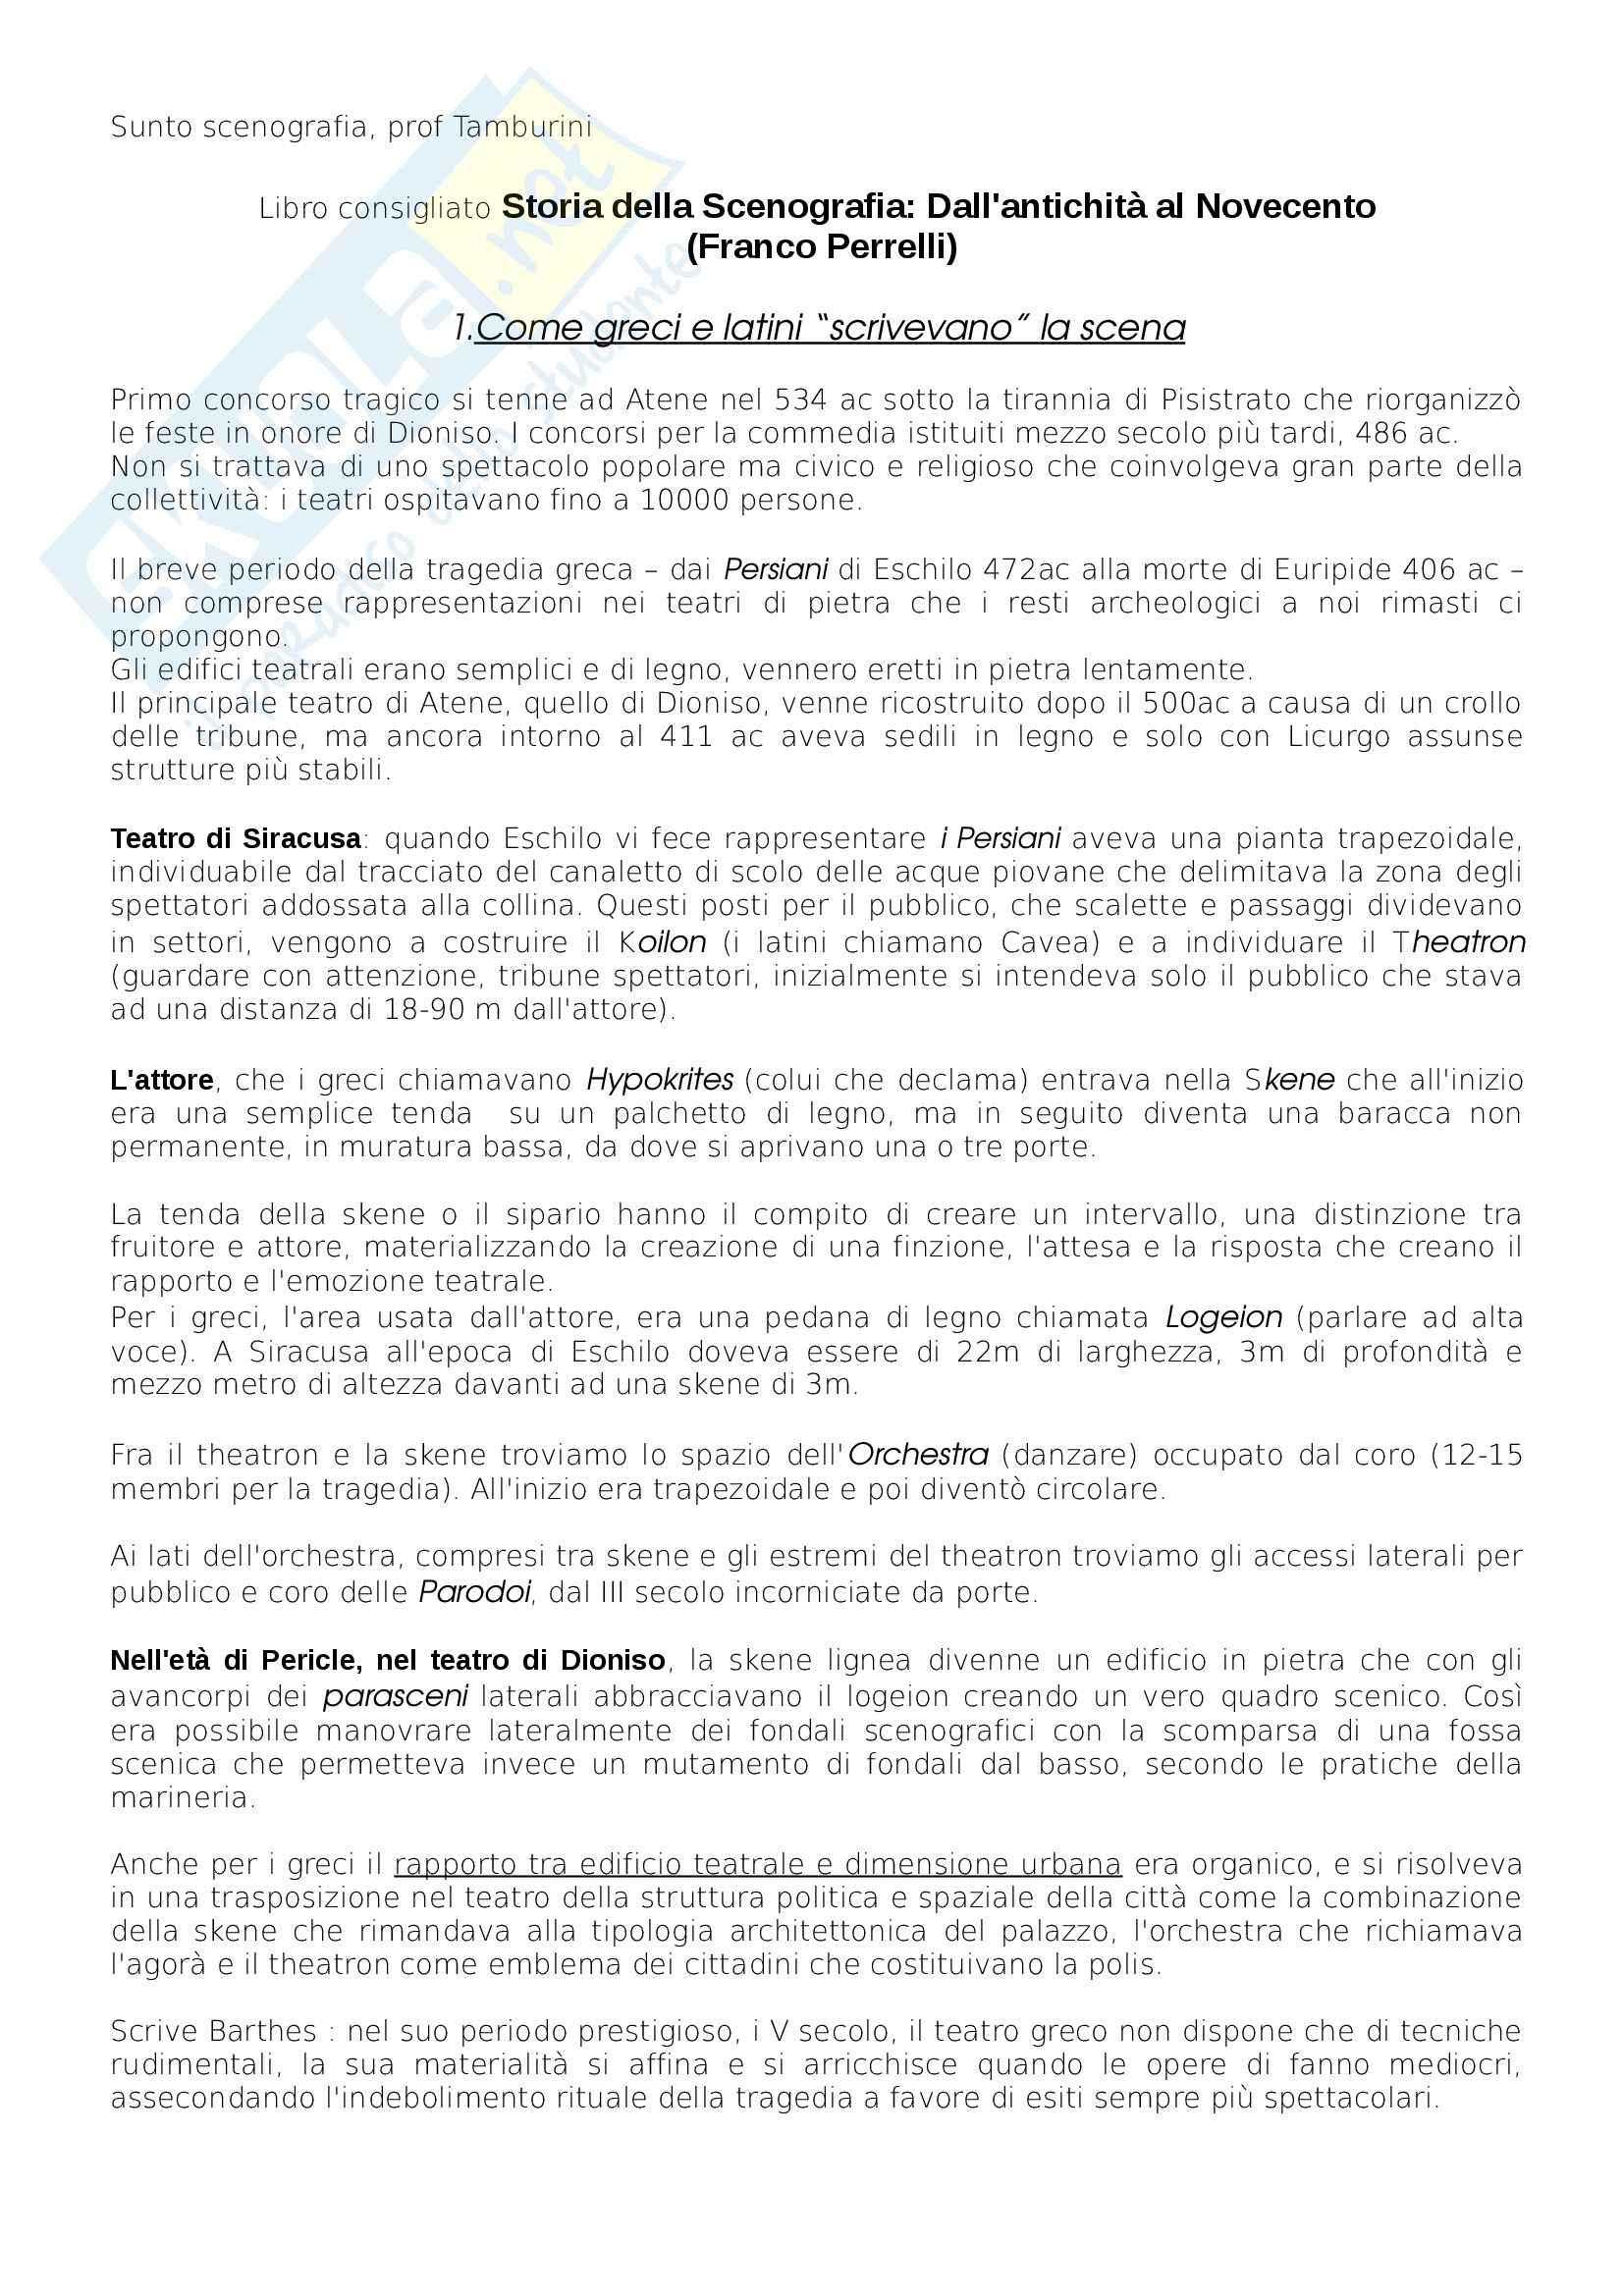 Riassunto esame scenografia, prof. Tamburini, libro consigliato Storia della Scenografia, dall'antichità al XXI Secolo, Perrelli